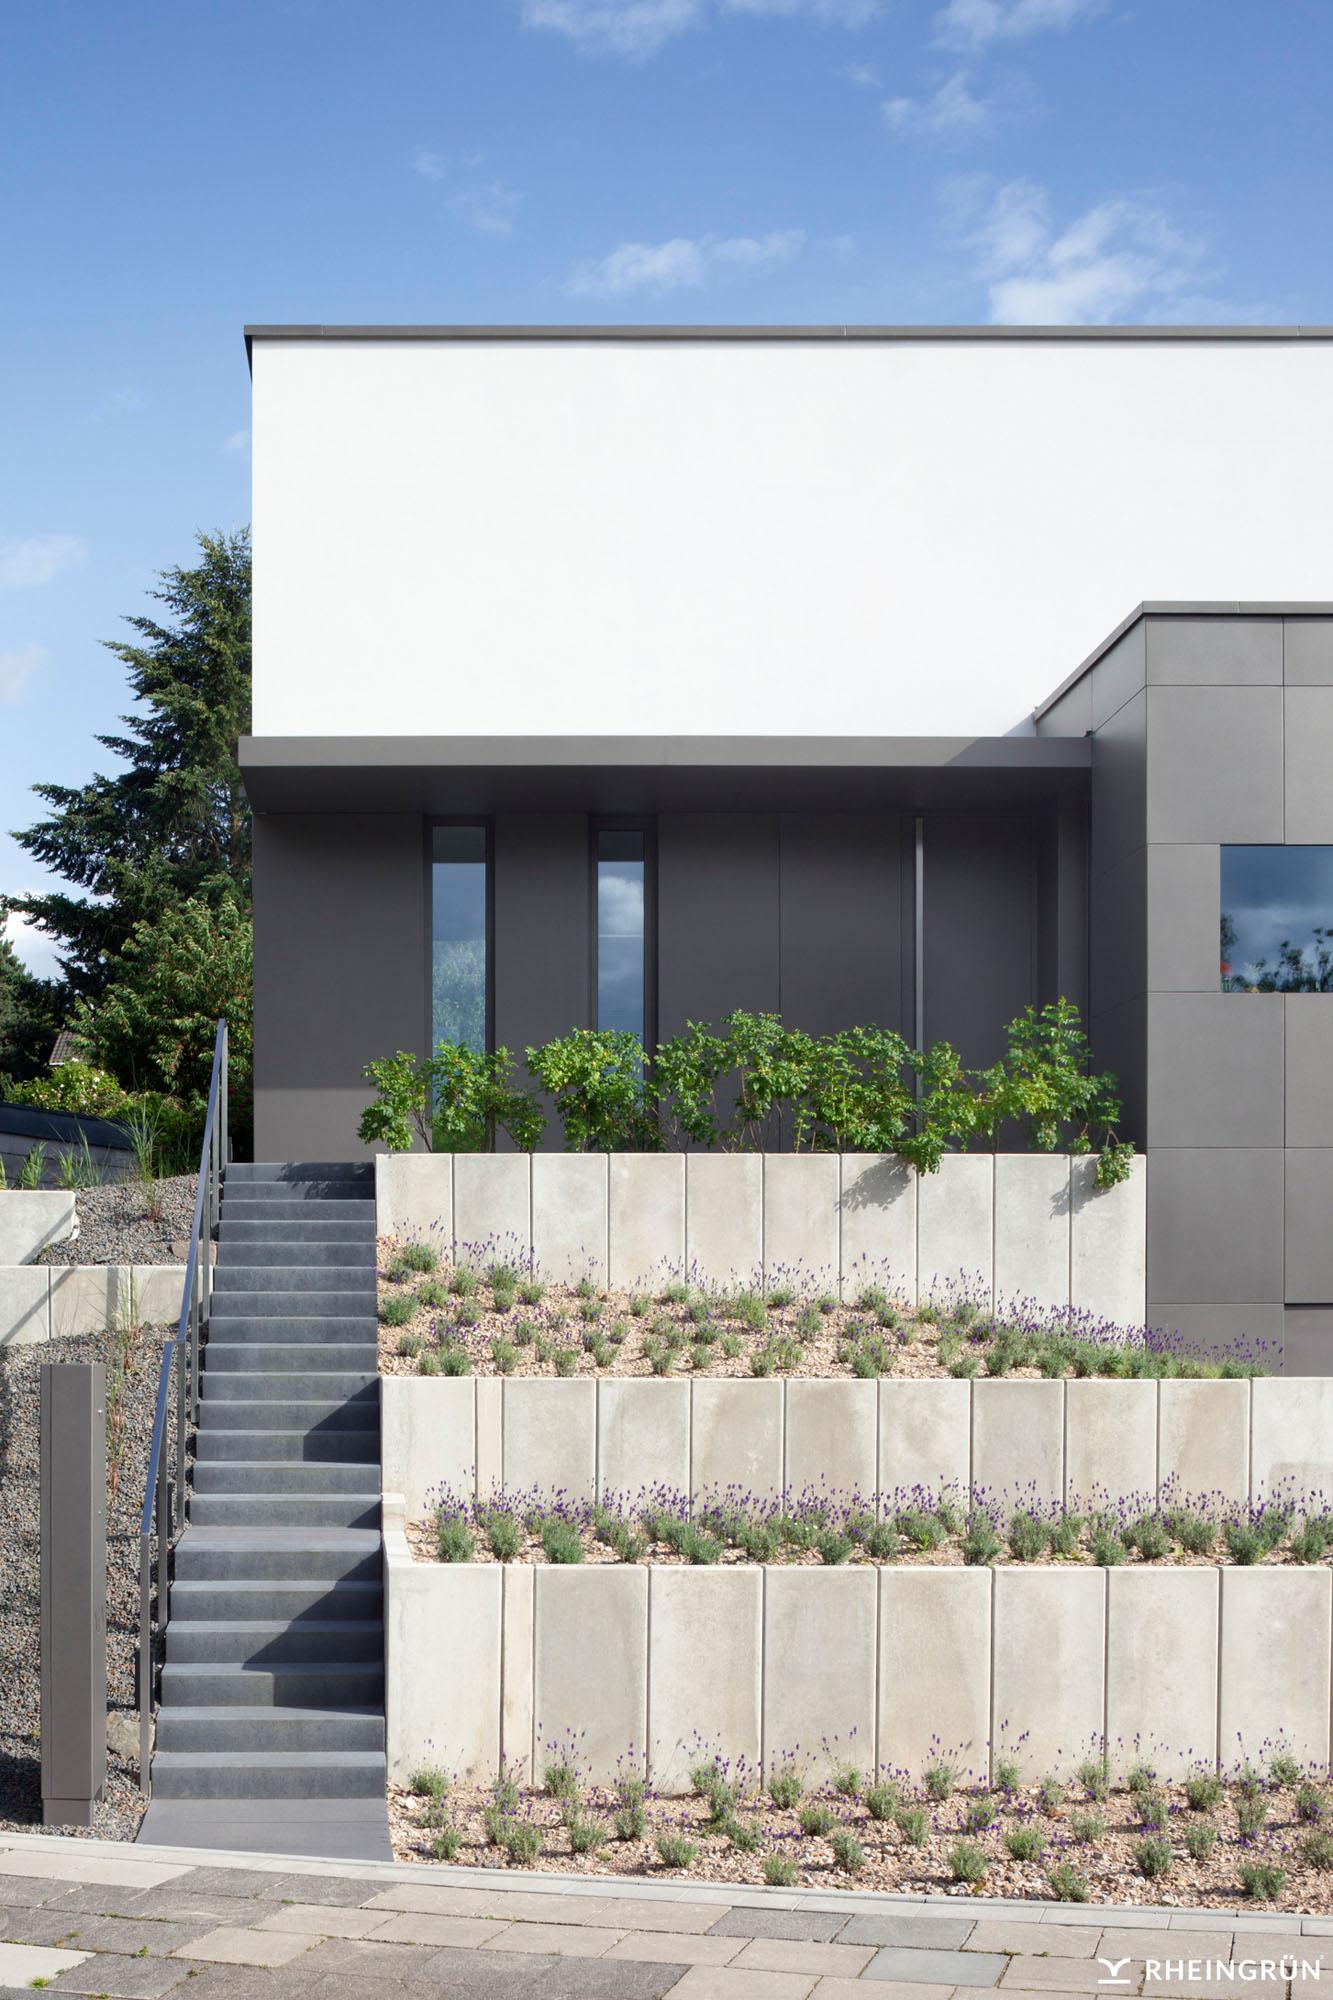 Modernes Einfamilienhaus am Hang mit abgestuftem Vorgarten